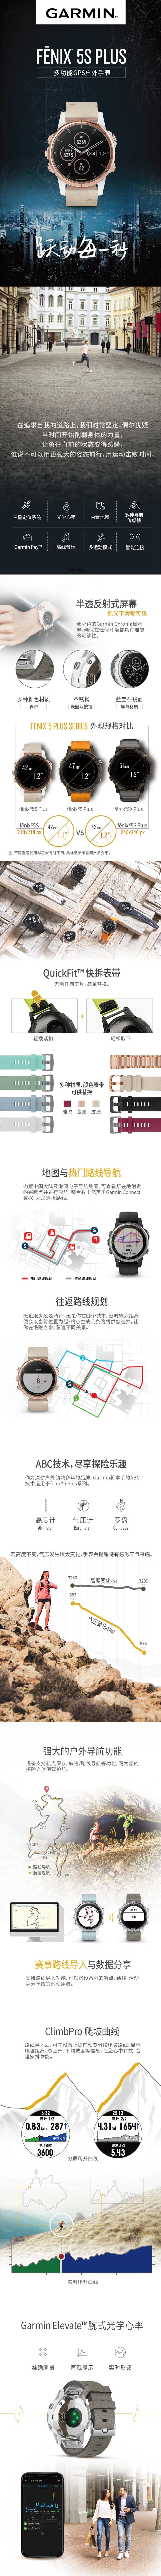 佳明fēnix 5S Plus运动腕表免费试用,评测